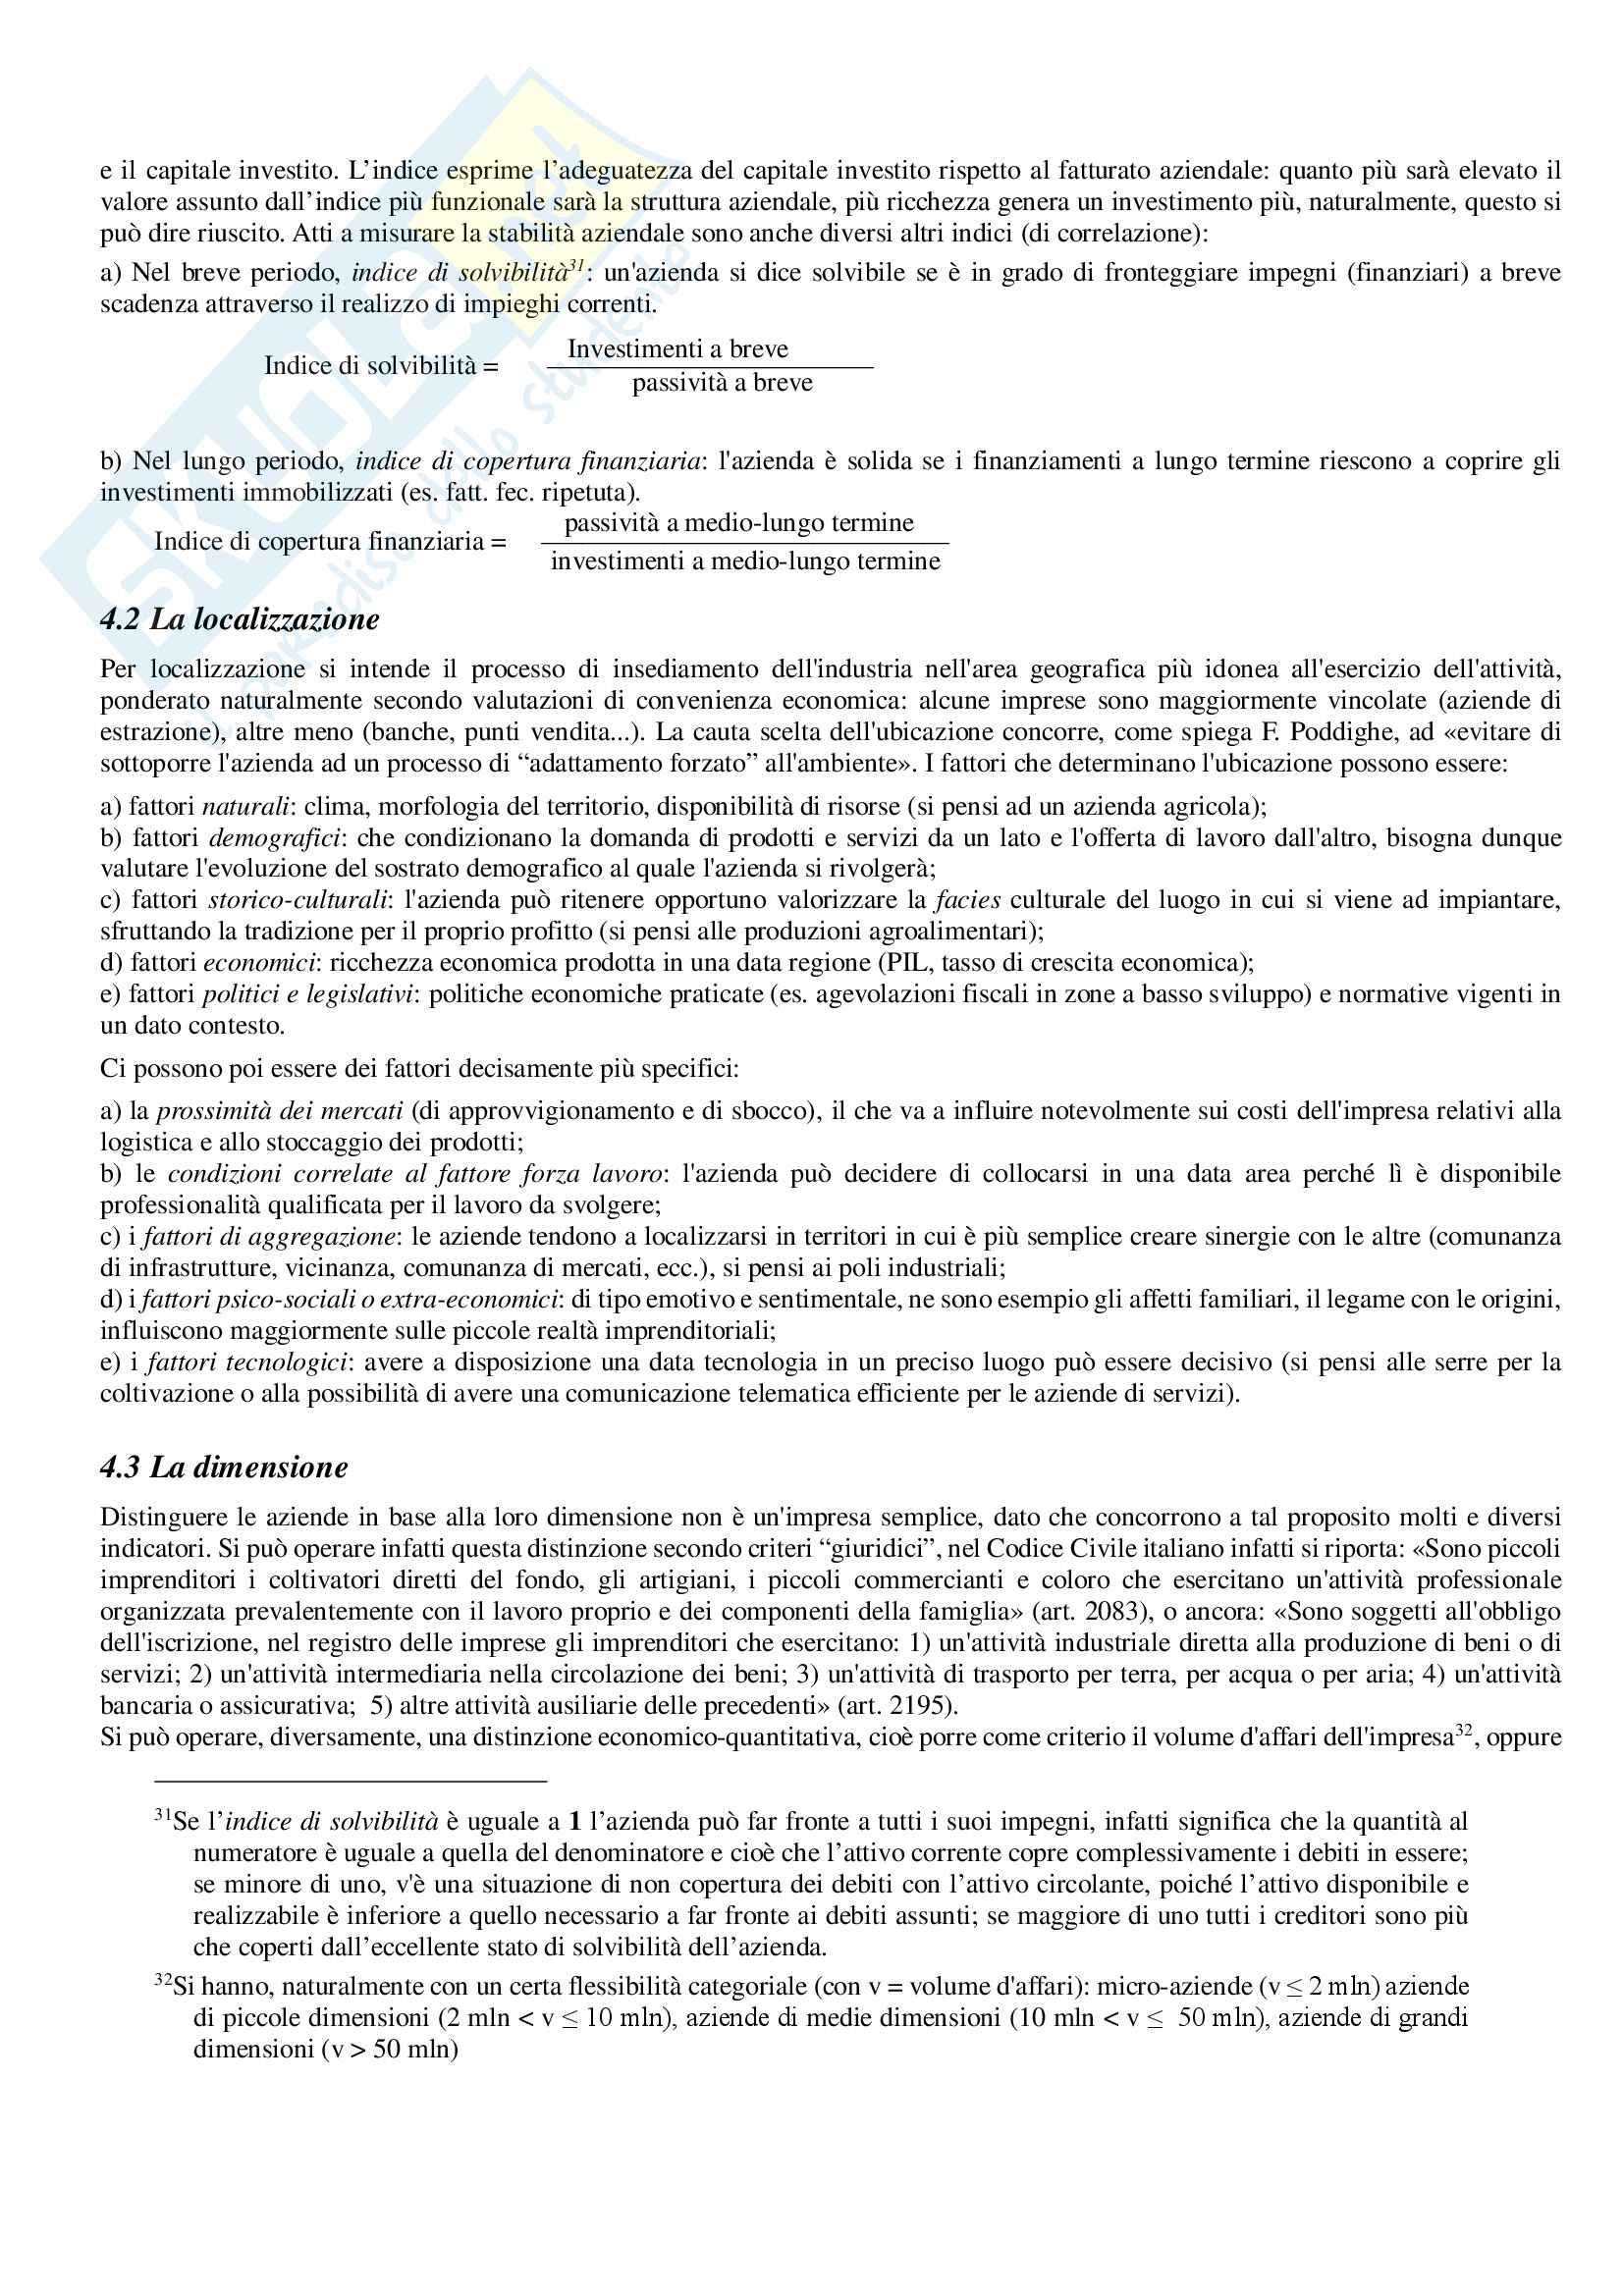 """Sunto esame di Economia aziendale, prof. P. Lizza, testo consigliato P. Lizza - """"Economia aziendale"""", Aracne, 2012 Pag. 26"""